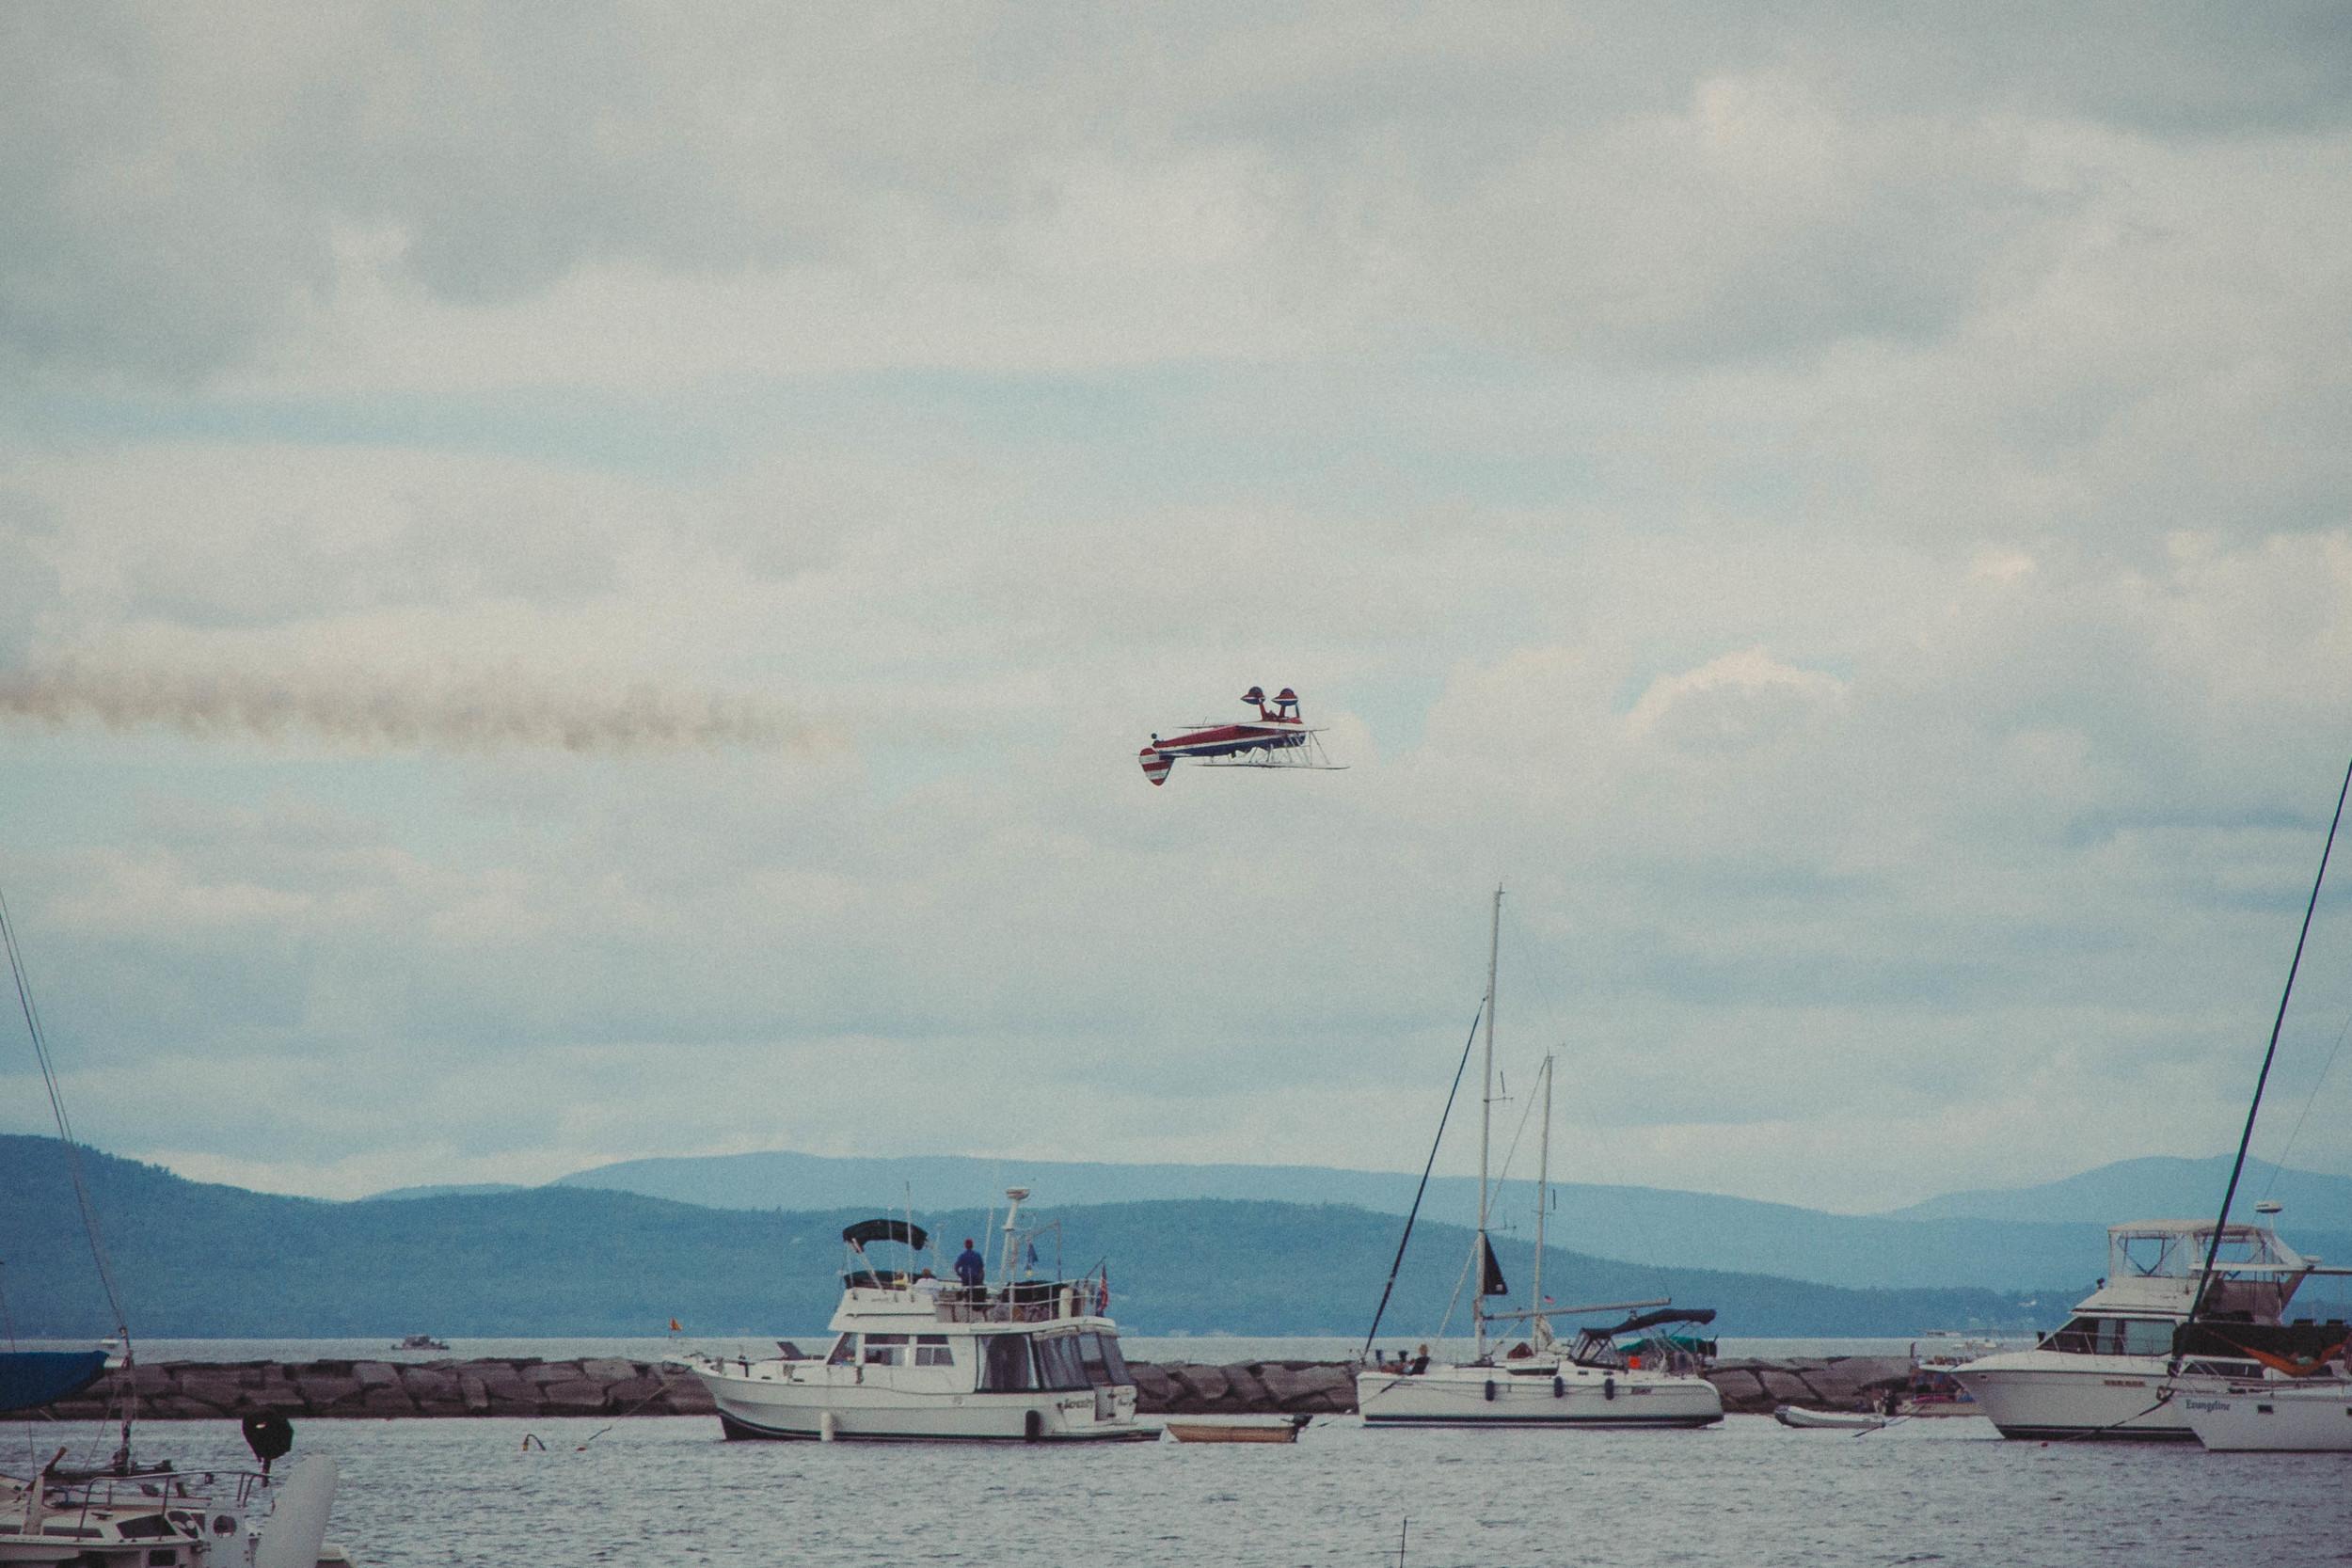 Wings-Over-BTV-16.jpg